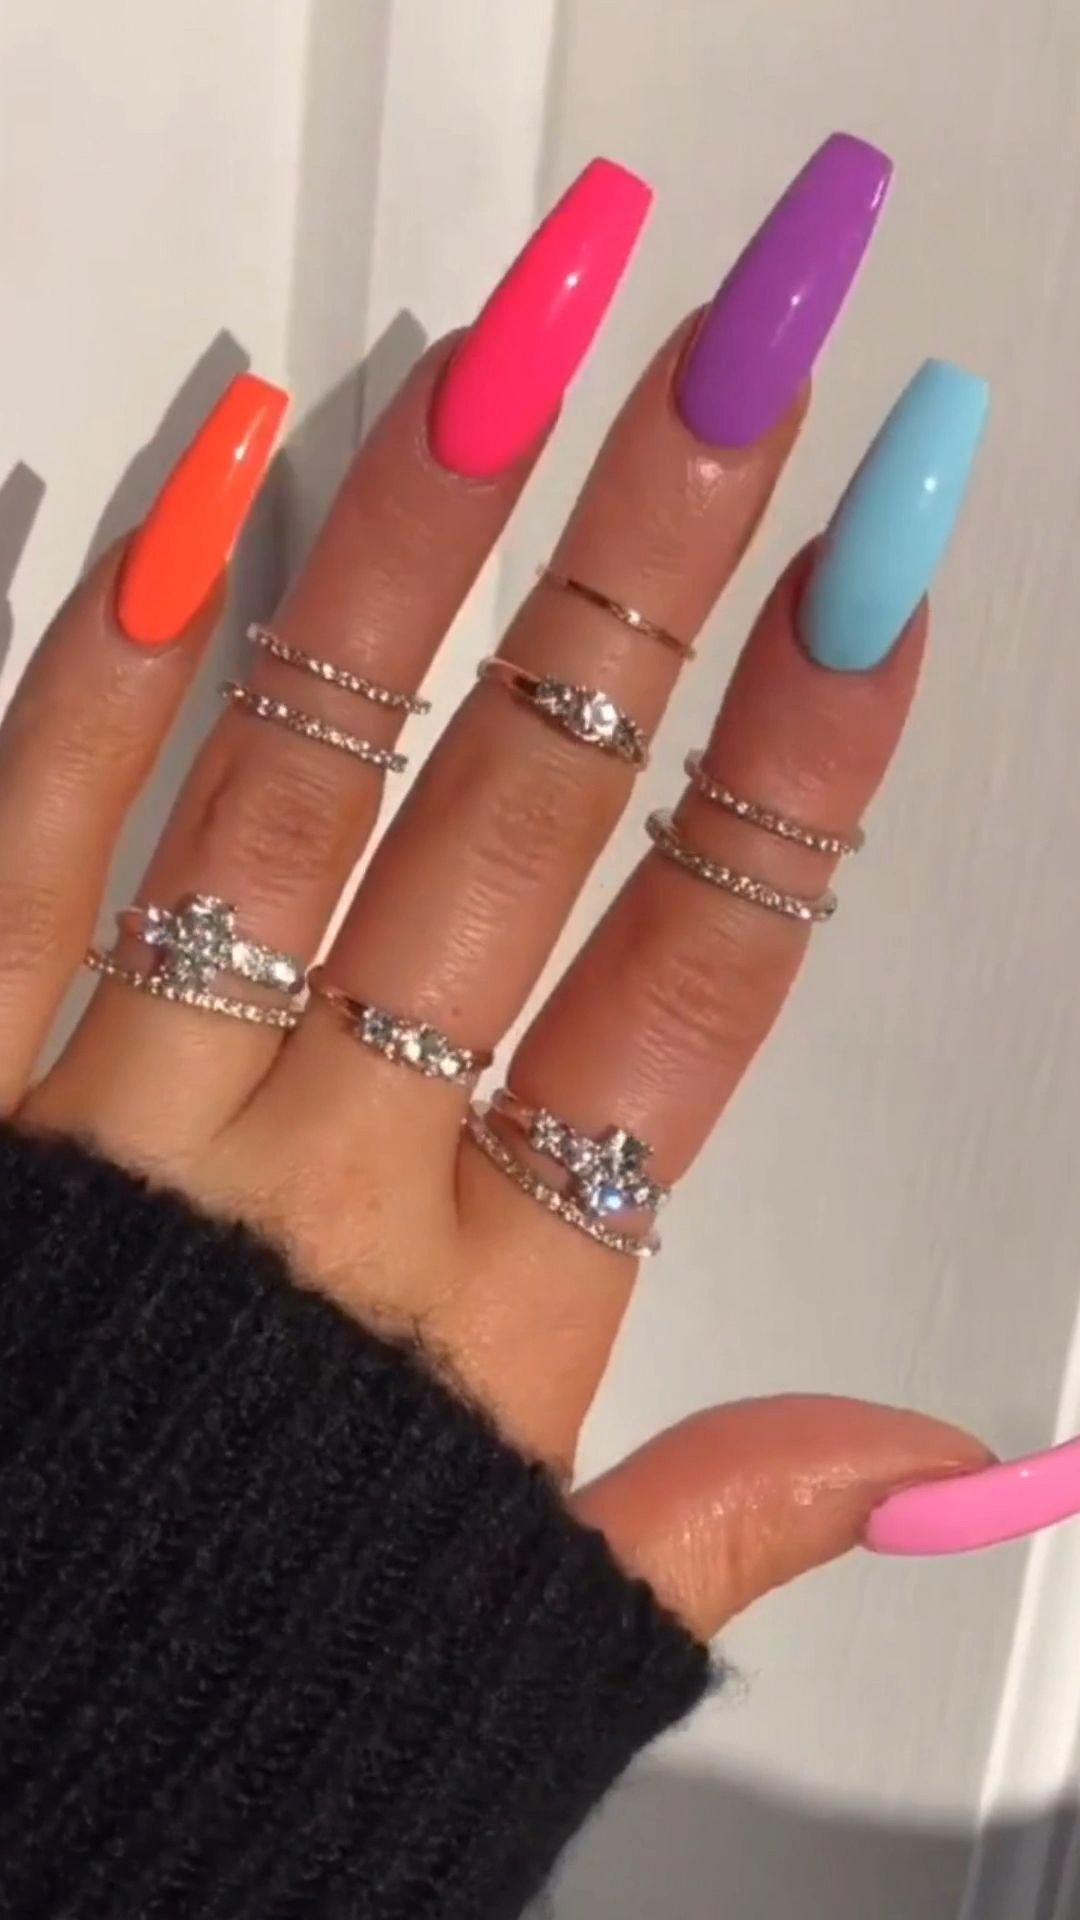 Longnails Ombrenails Neonnails Ombre Acrylicnails Acrylicpainting Acrylicnaildesigns Acry In 2020 Summer Acrylic Nails Acrylic Nail Designs Ombre Acrylic Nails